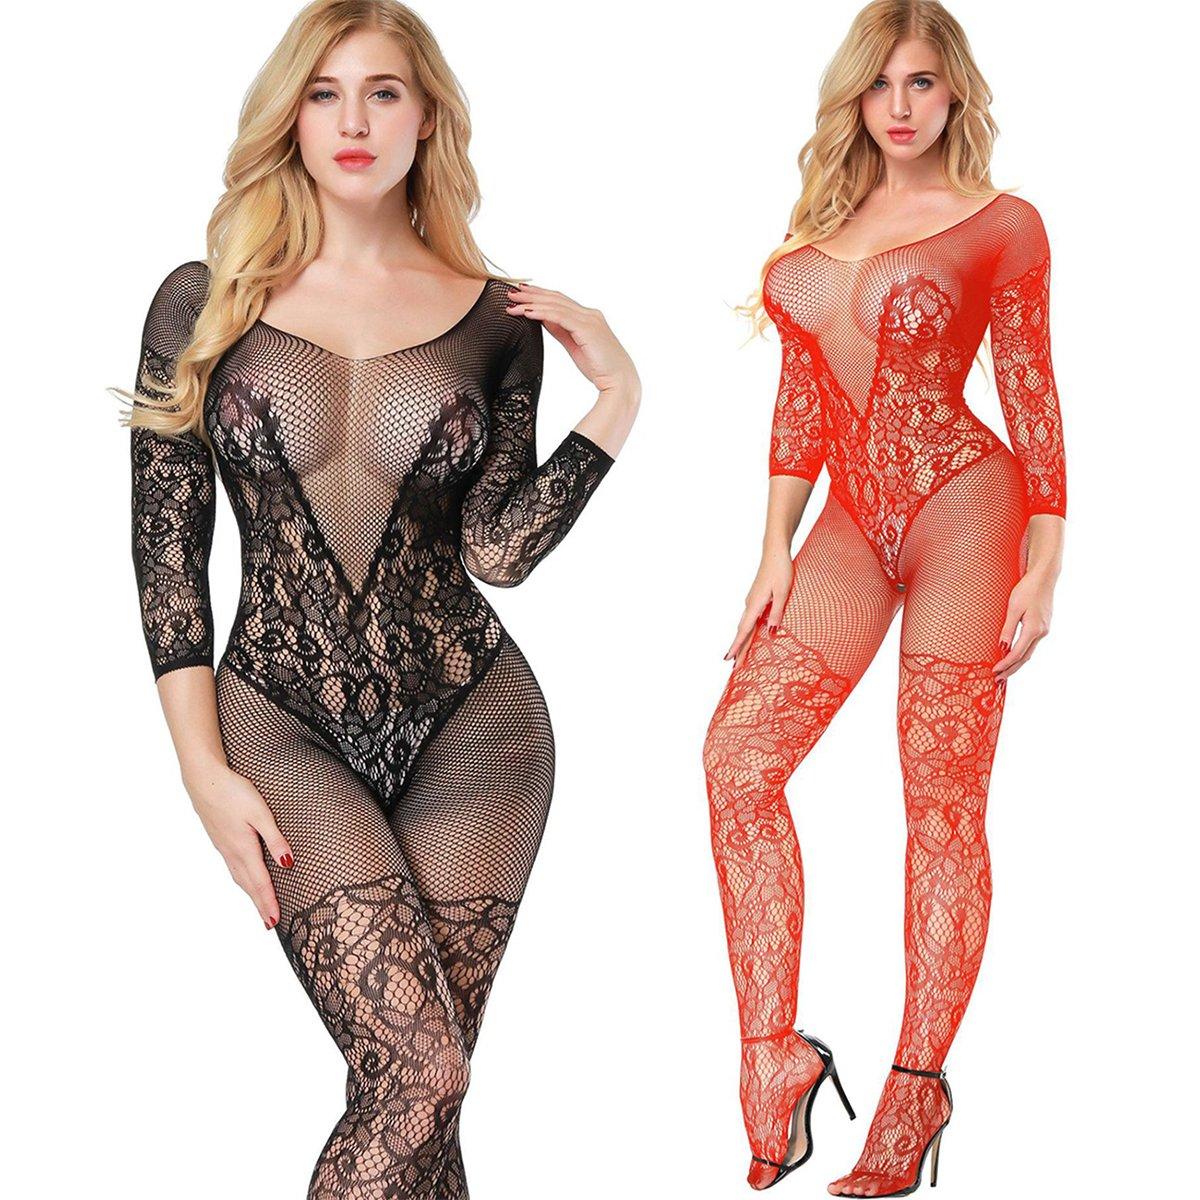 2-Pack Donna Cavallo Aperto Maglia Pesce Netto Calza Corpo Body Lingerie camicia da notte vestito da notte (nero+rosso)